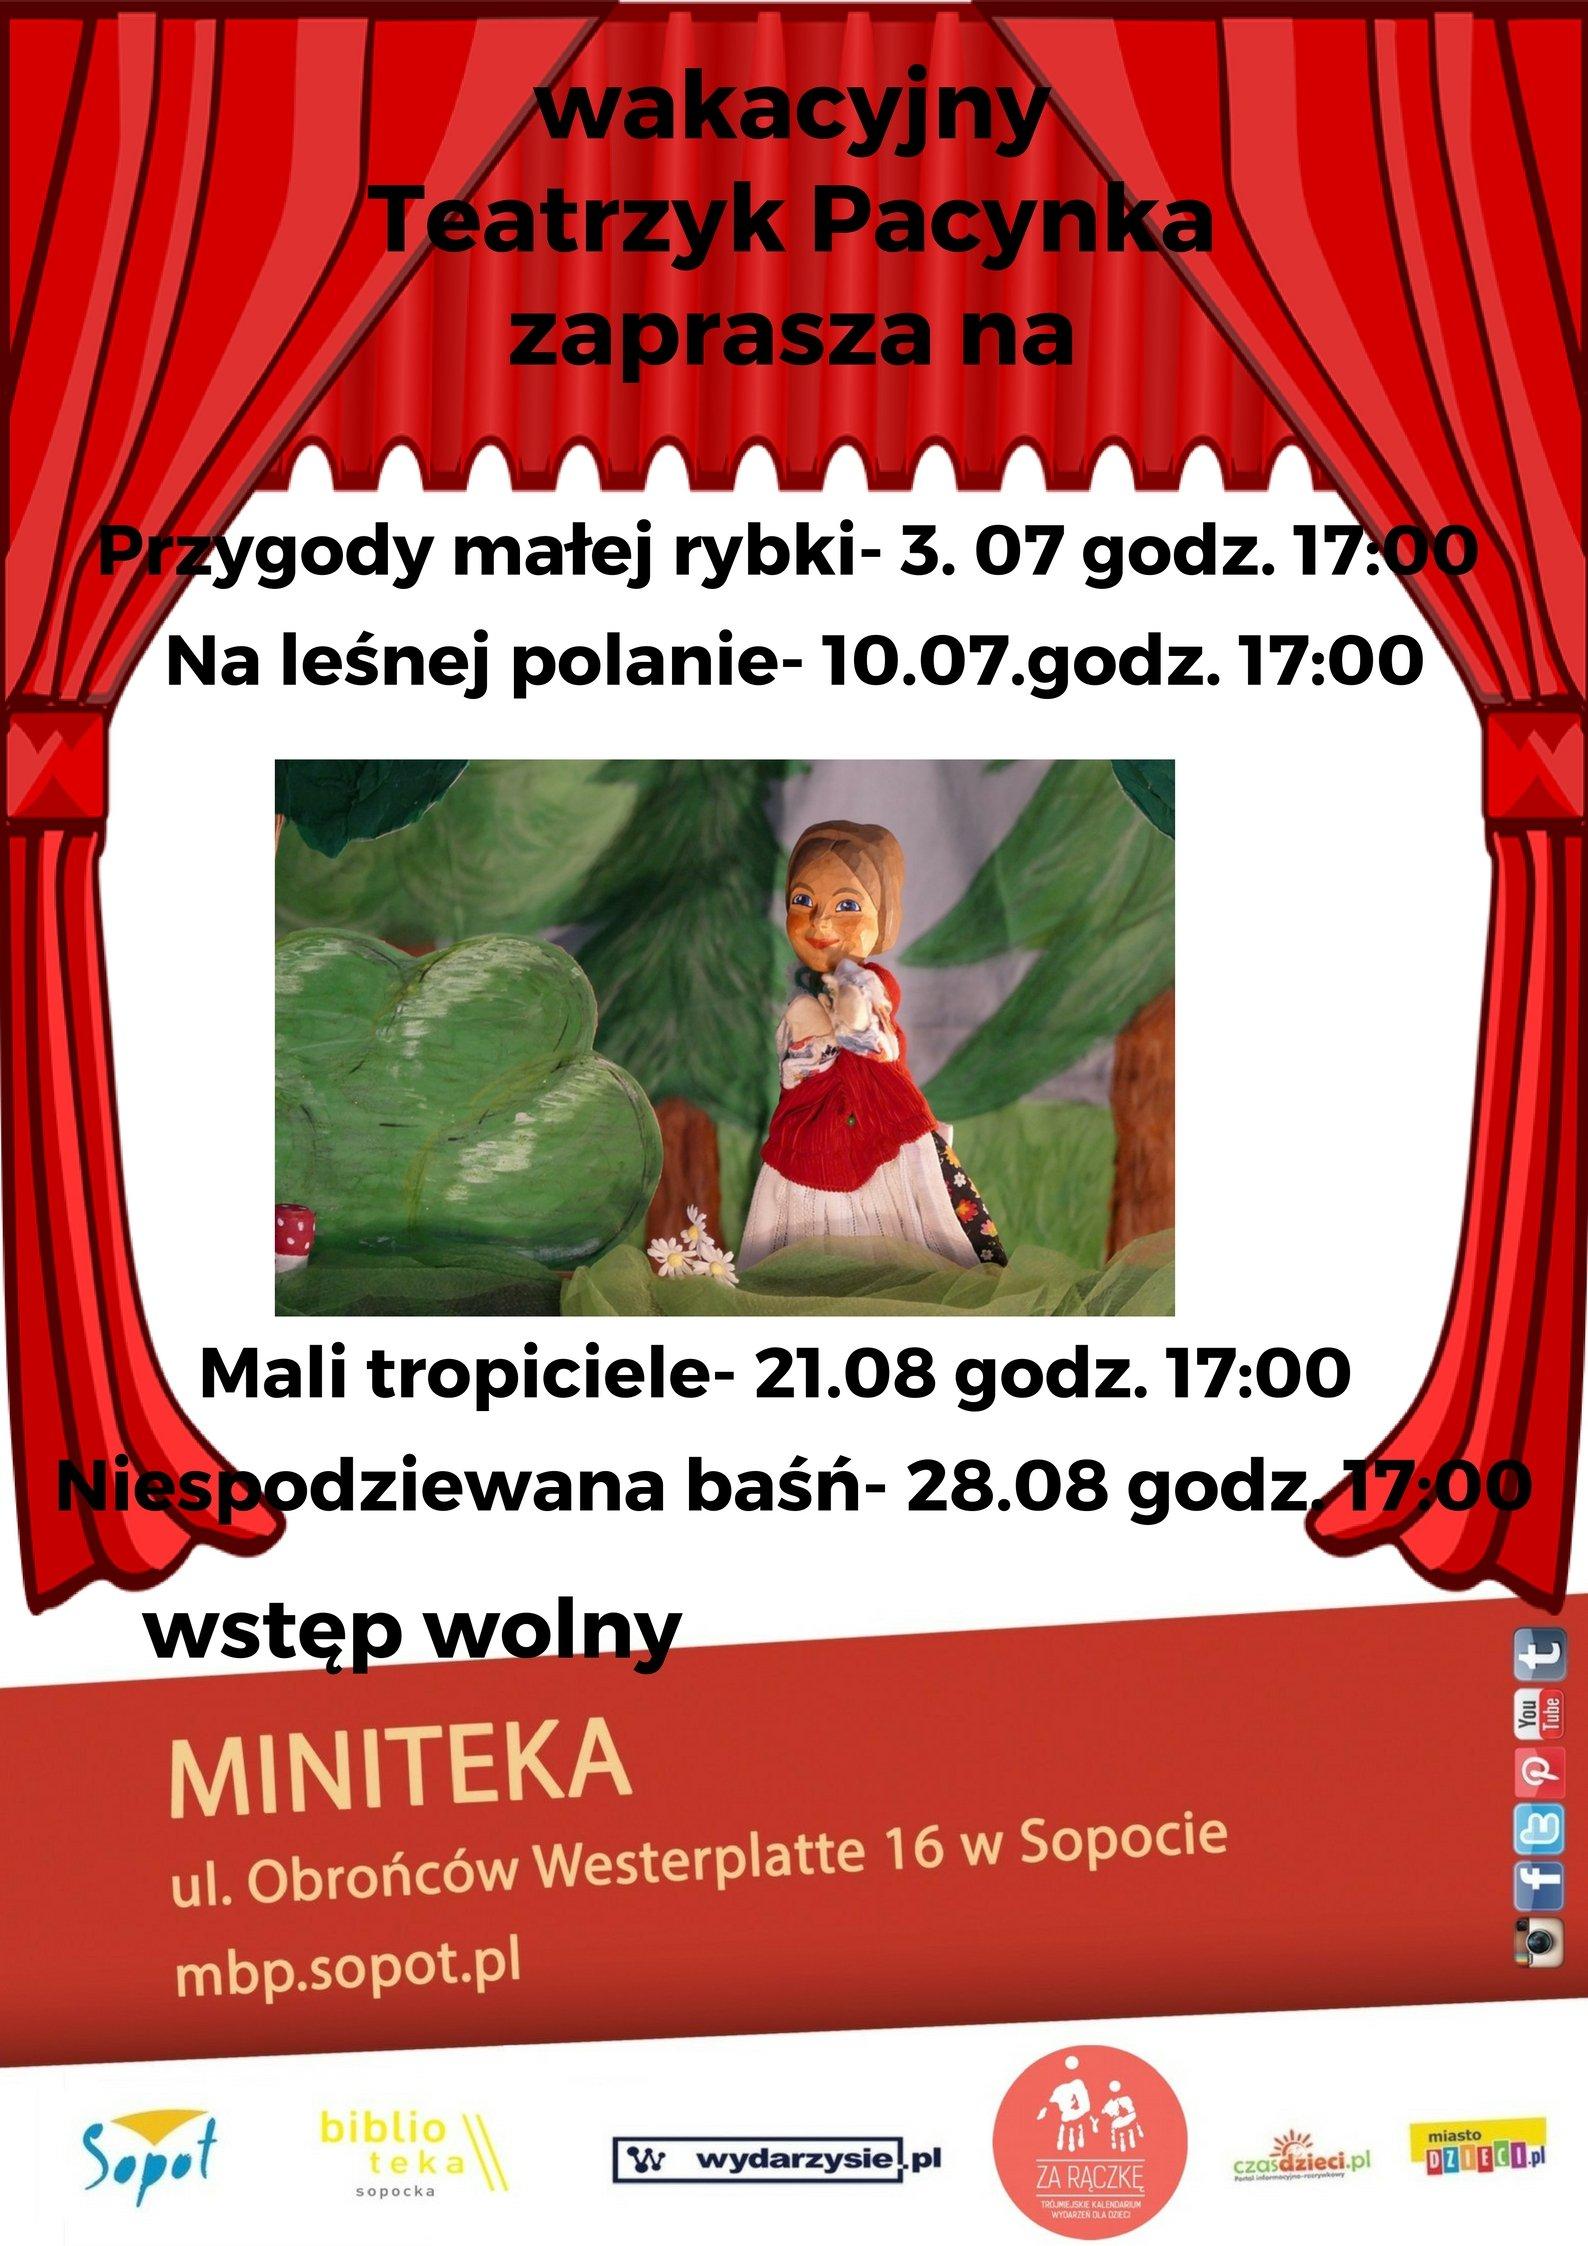 wakacyjny Teatrzyk Pacynka zaprasza na (1)